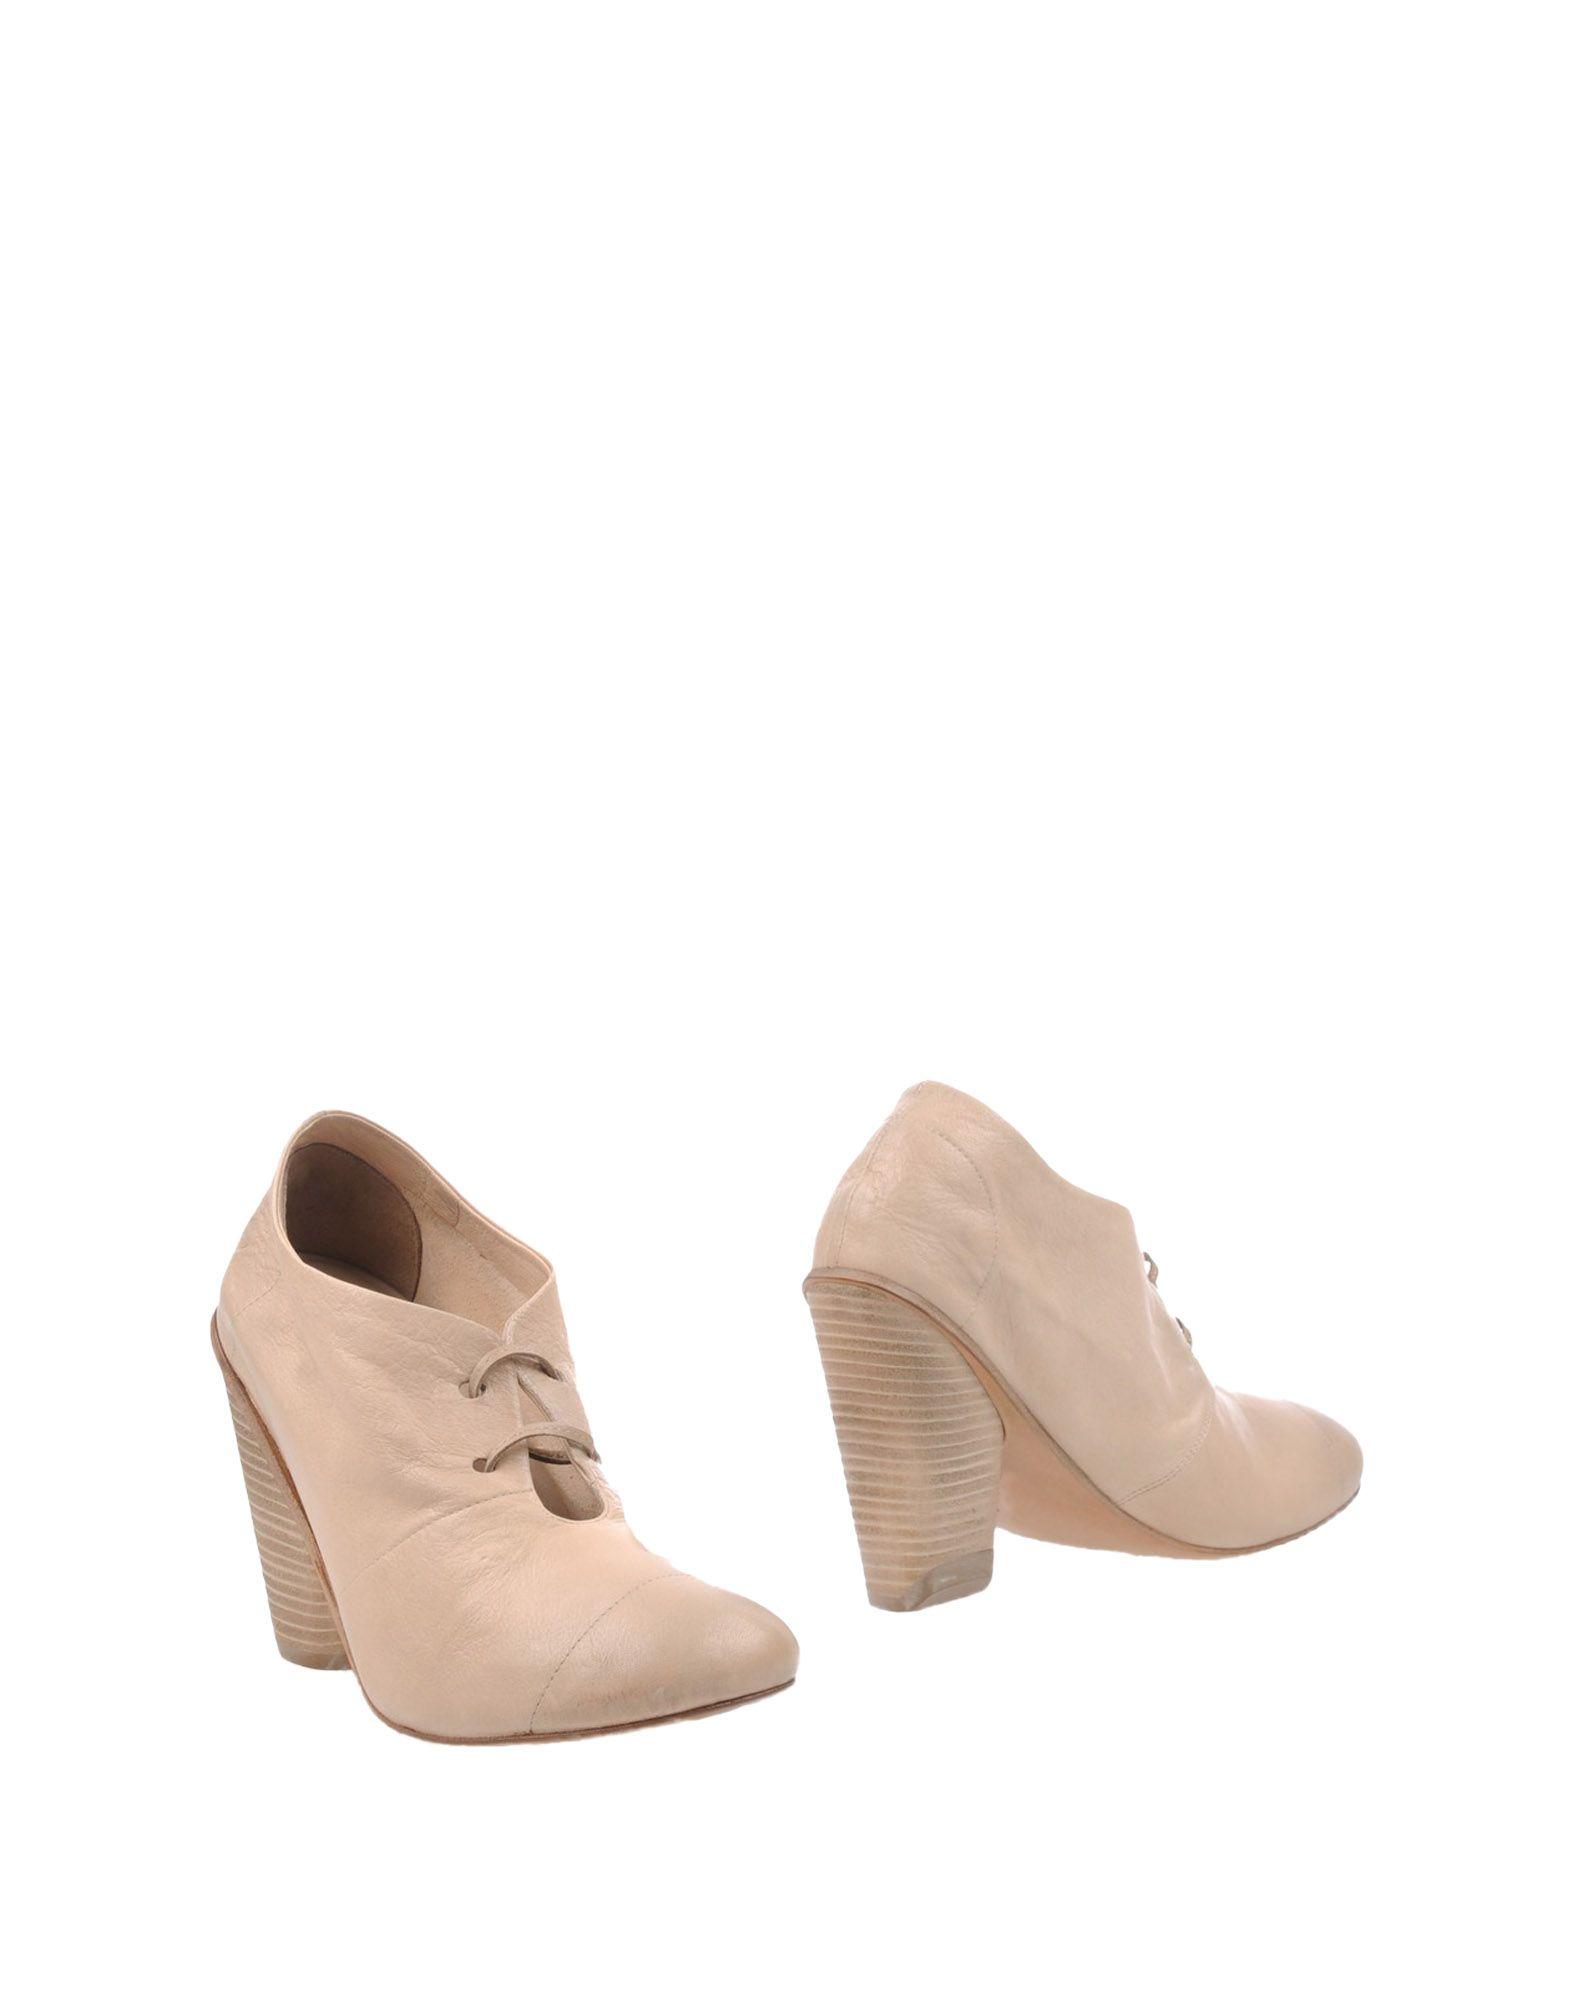 Marsèll Stiefelette Damen gut  11226675EKGünstige gut Damen aussehende Schuhe 81ad4f